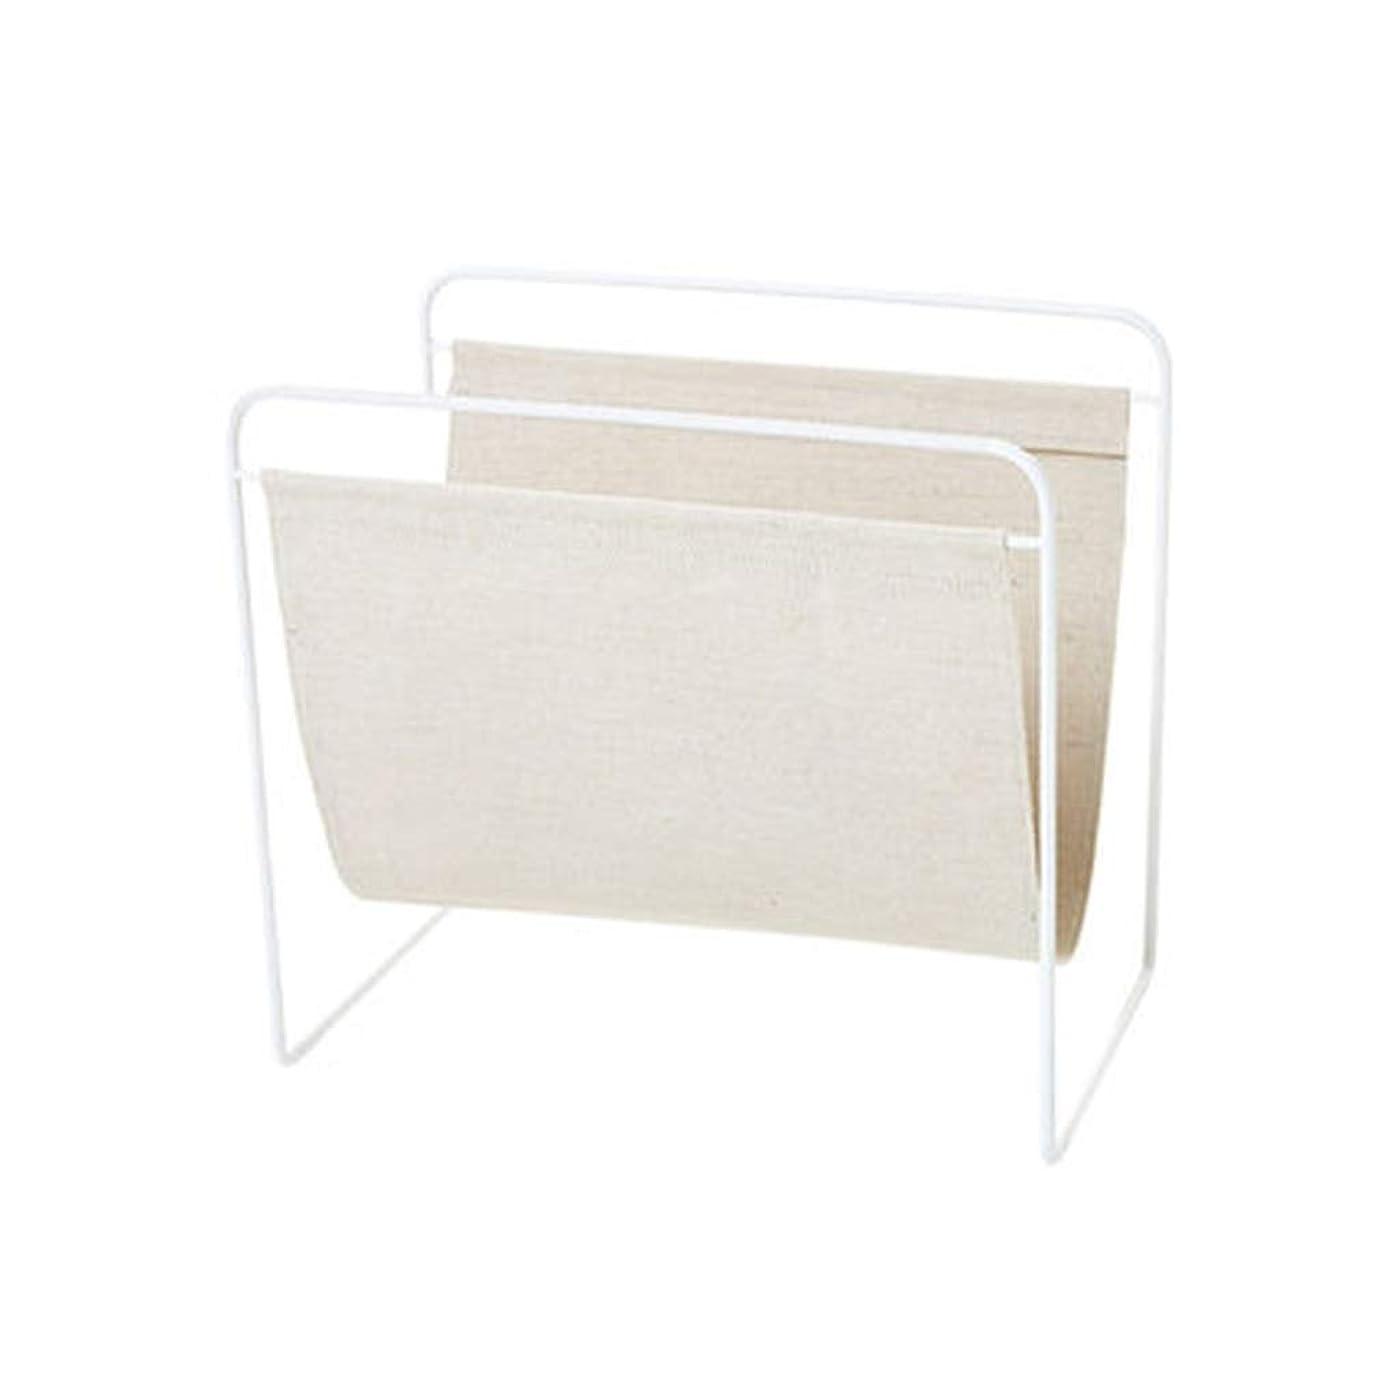 準備素子喉頭書棚 マガジンラックメタルメッシュアイアンファイルホルダーマガジンコレクション収納バーマガジンボックスメタルリネン (Color : 白, Size : 45*28*30cm)